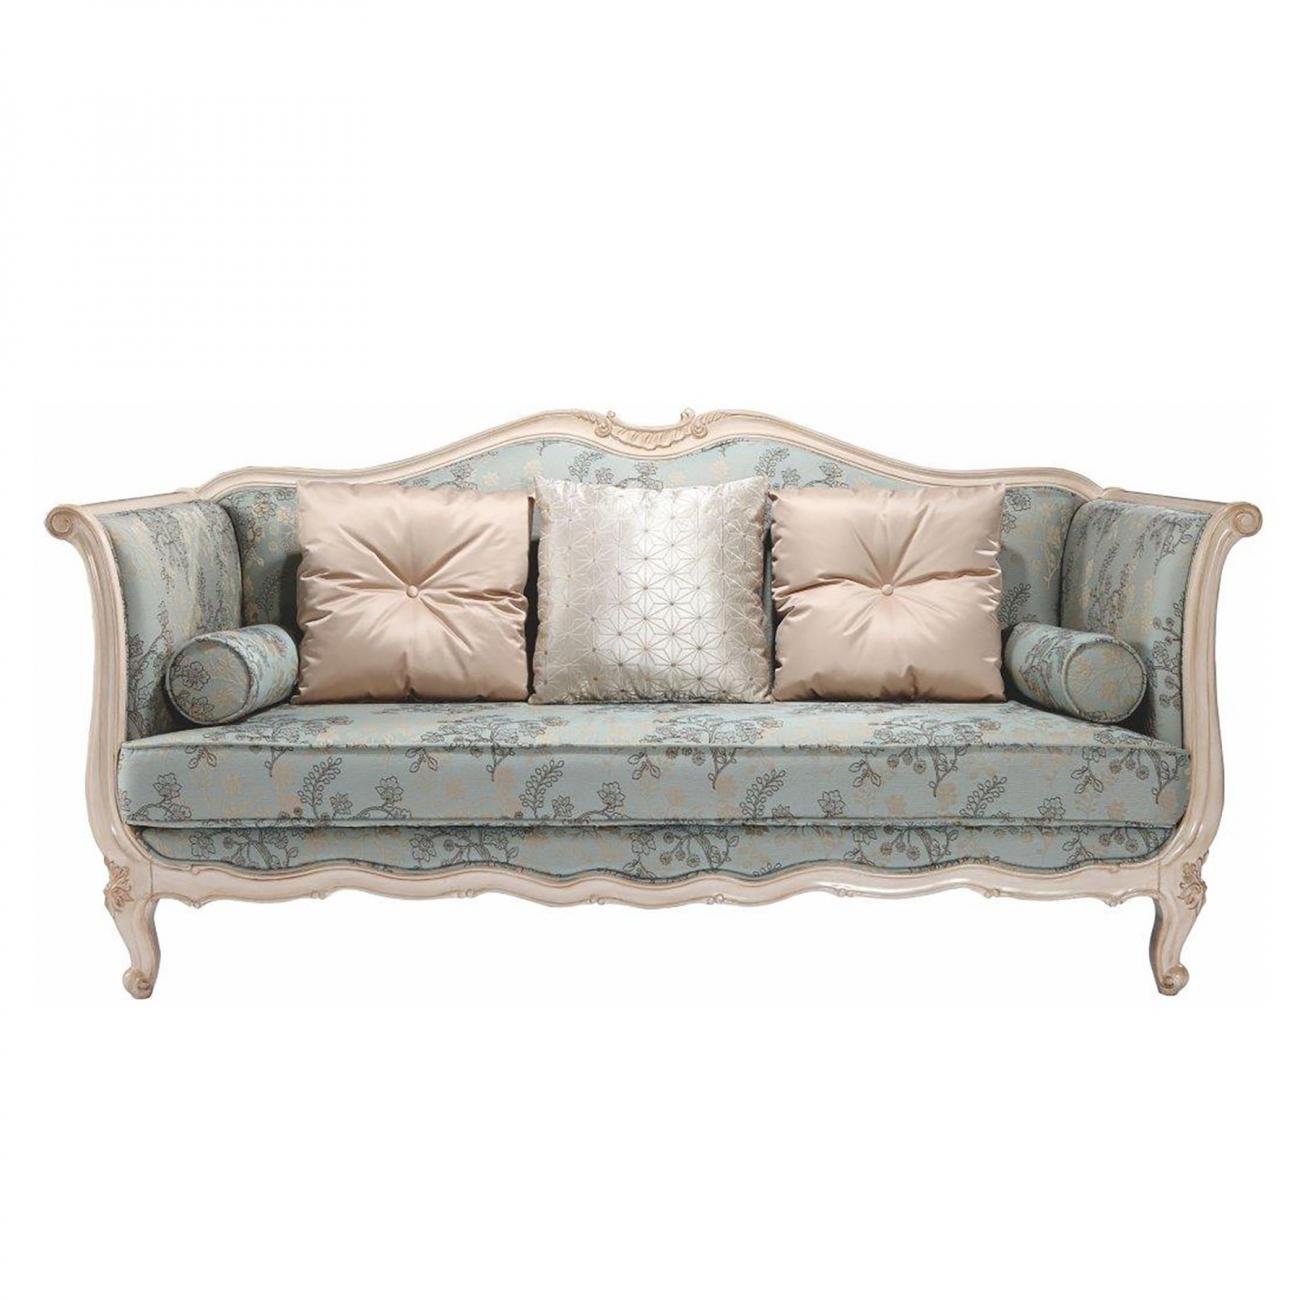 Купить Диван Flamboyn Grande в интернет магазине дизайнерской мебели и аксессуаров для дома и дачи